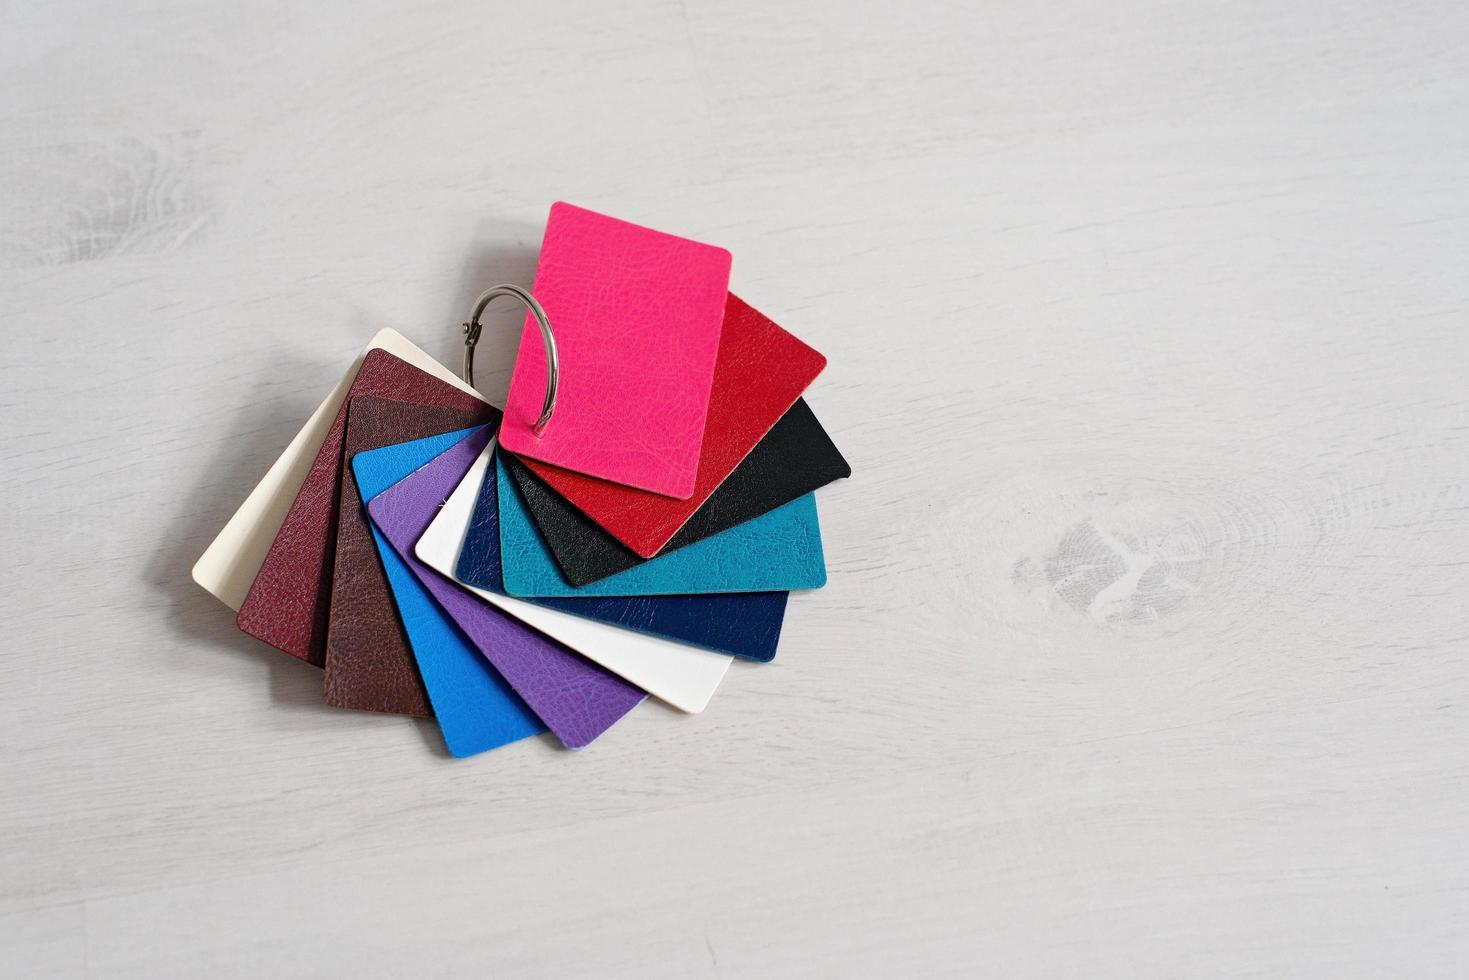 färgglada äkta läderprover, moderna butiker, branschkoncept. palettkatalog med färgläderprover. omslagsdesign. foto